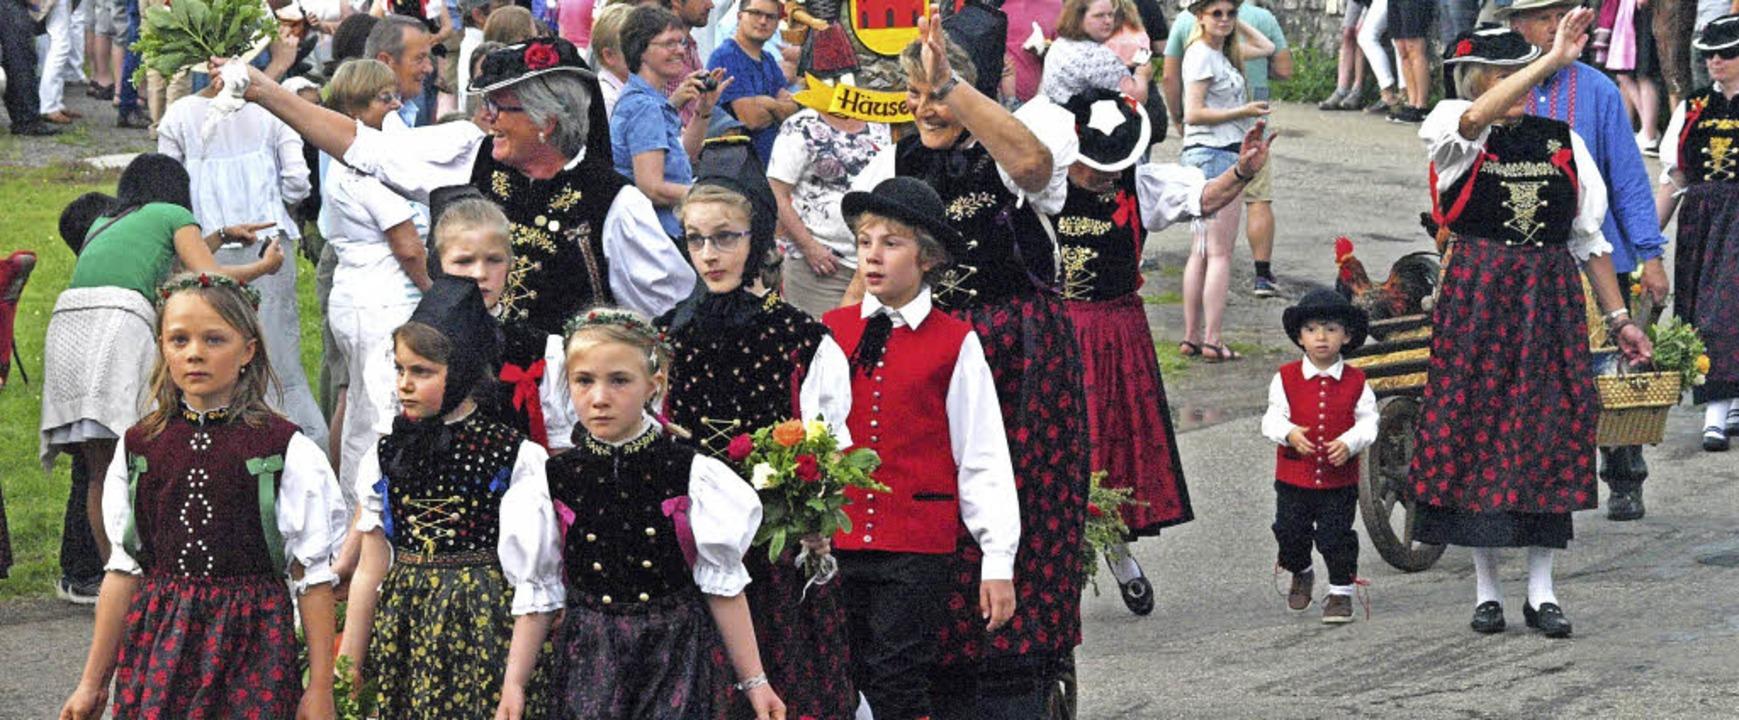 33 Gruppen beteiligten sich am Festumzug in Urberg    Foto: Karin Stöckl-Steinebrunner